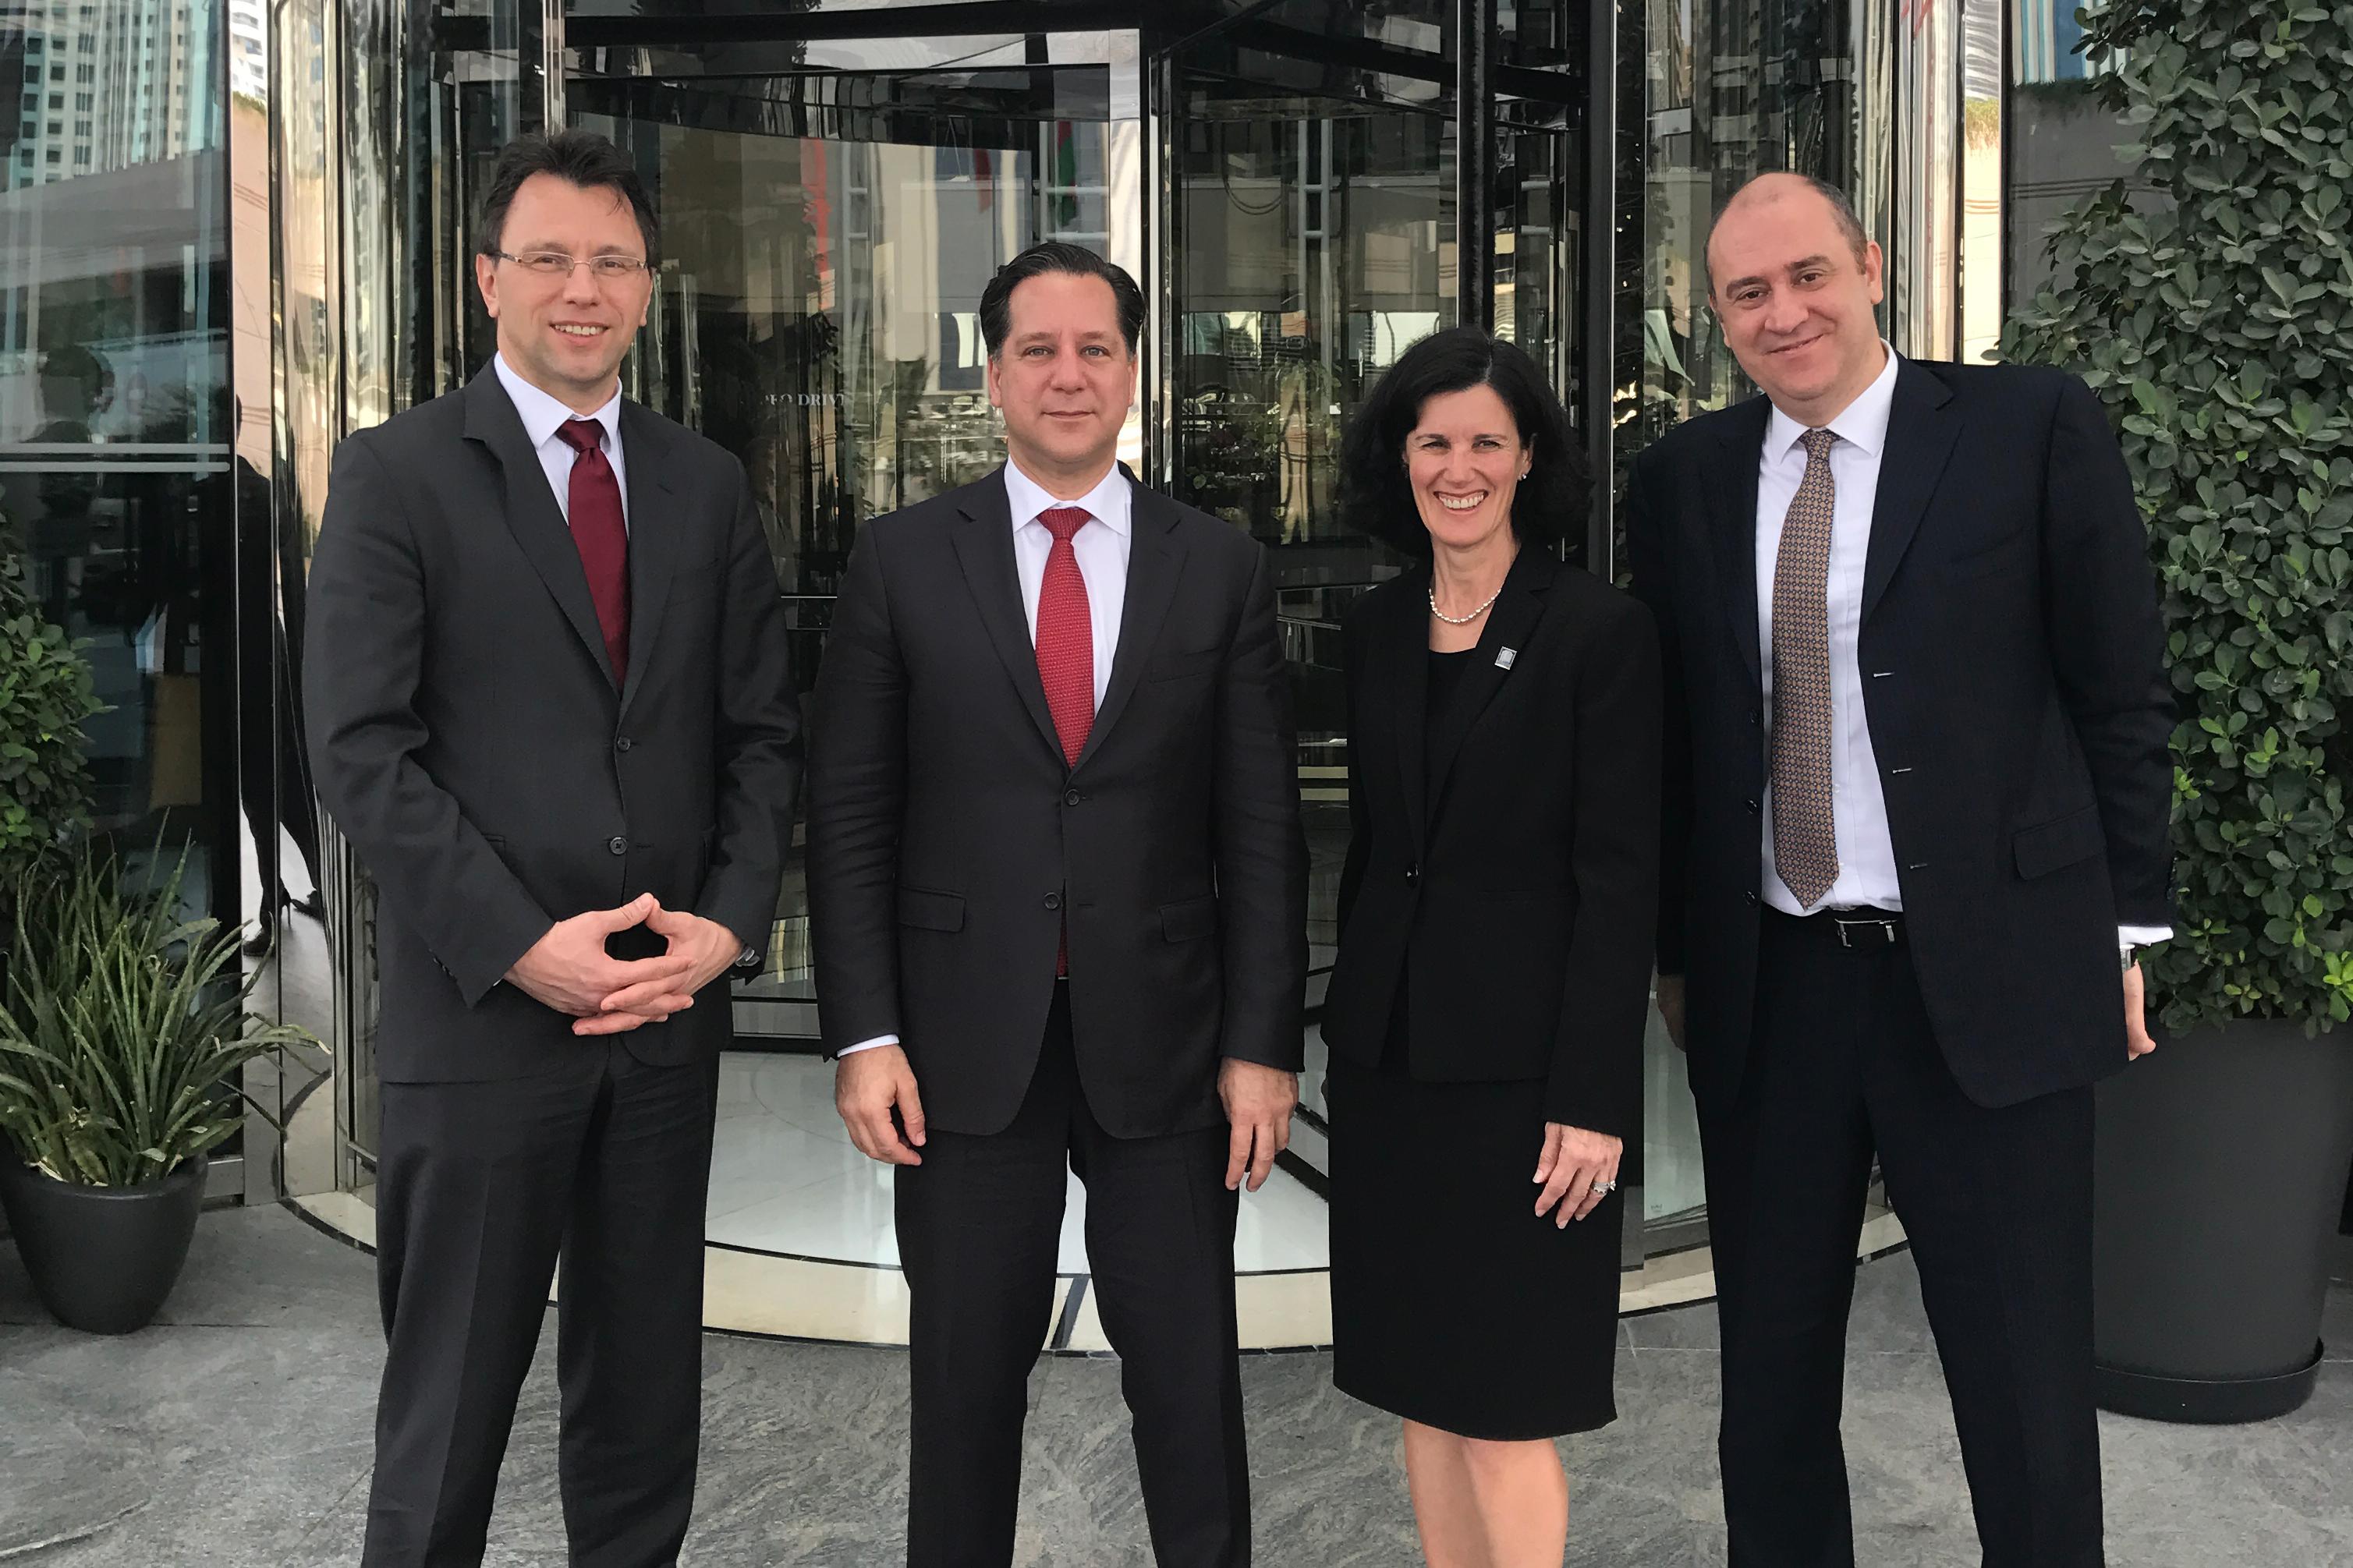 Αποτέλεσμα εικόνας για Hospitality Asset Managers Association hosts 2017 Global Summit in Dubai